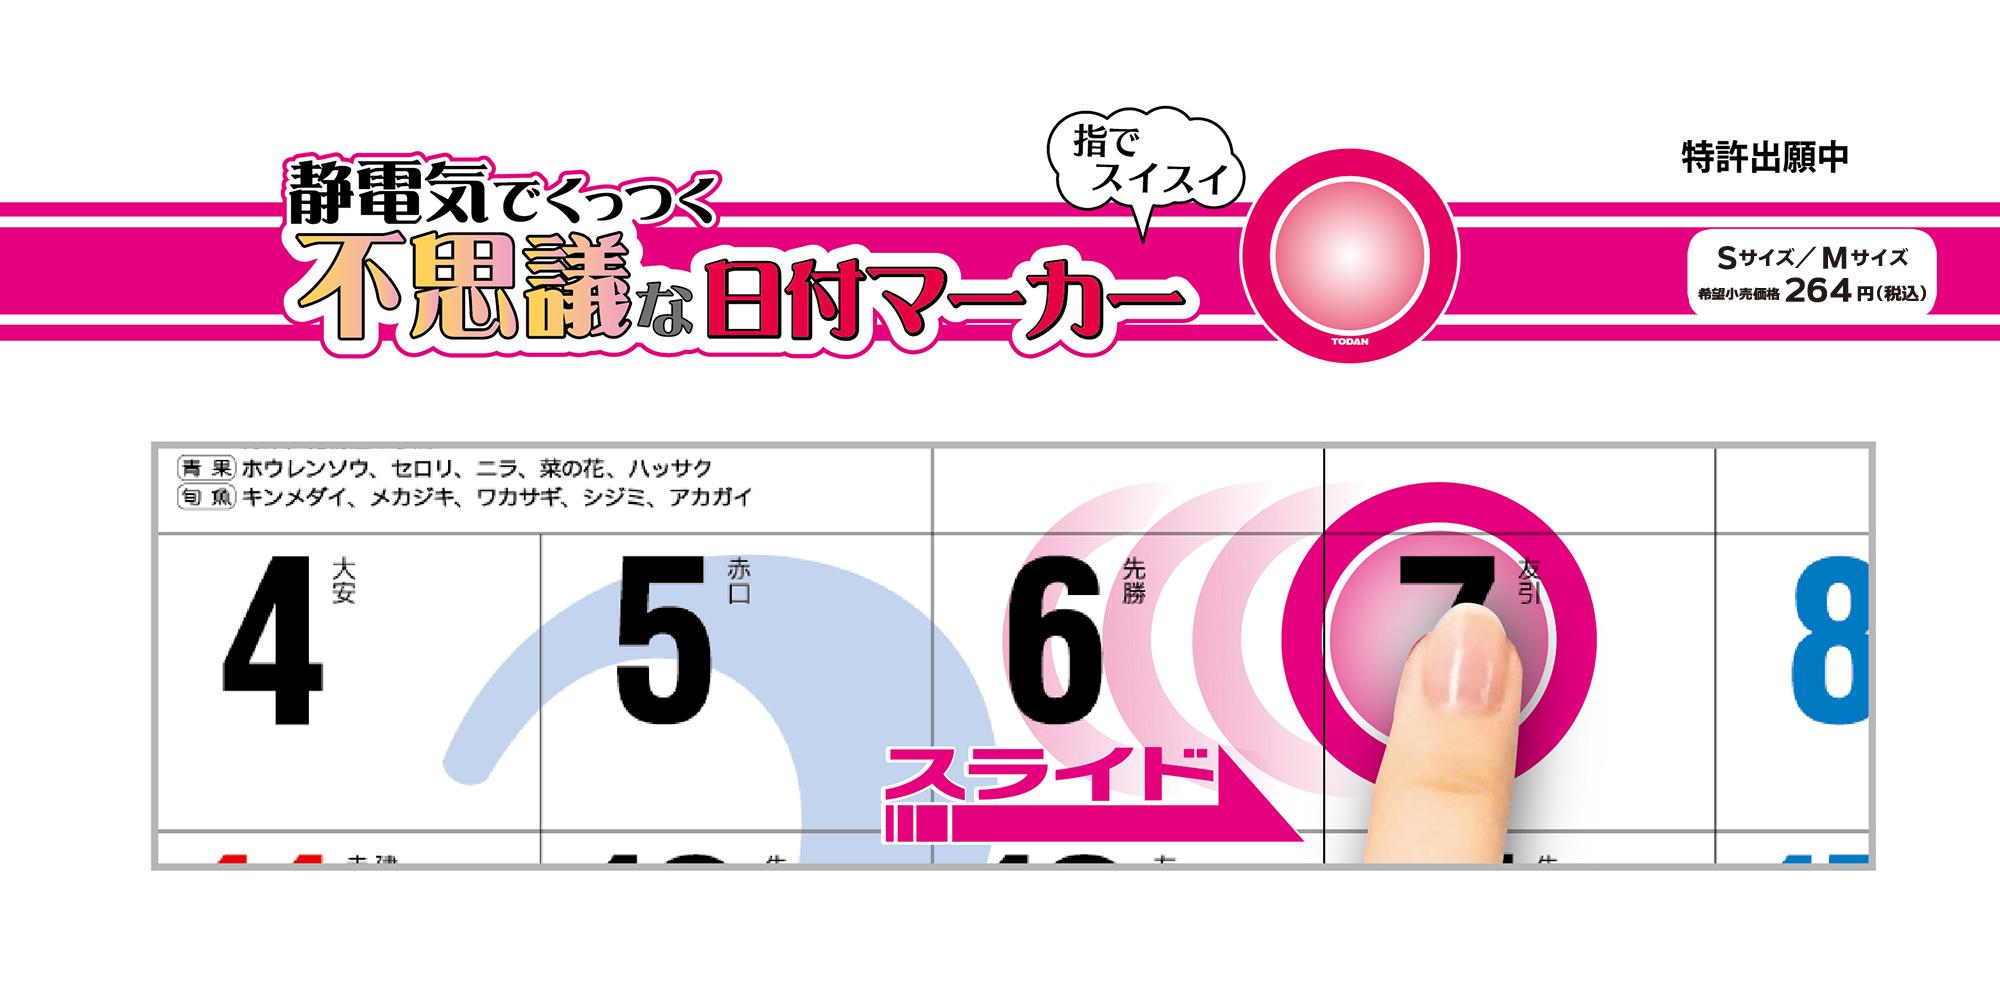 すみっコぐらしポップ・カレンダー 2021